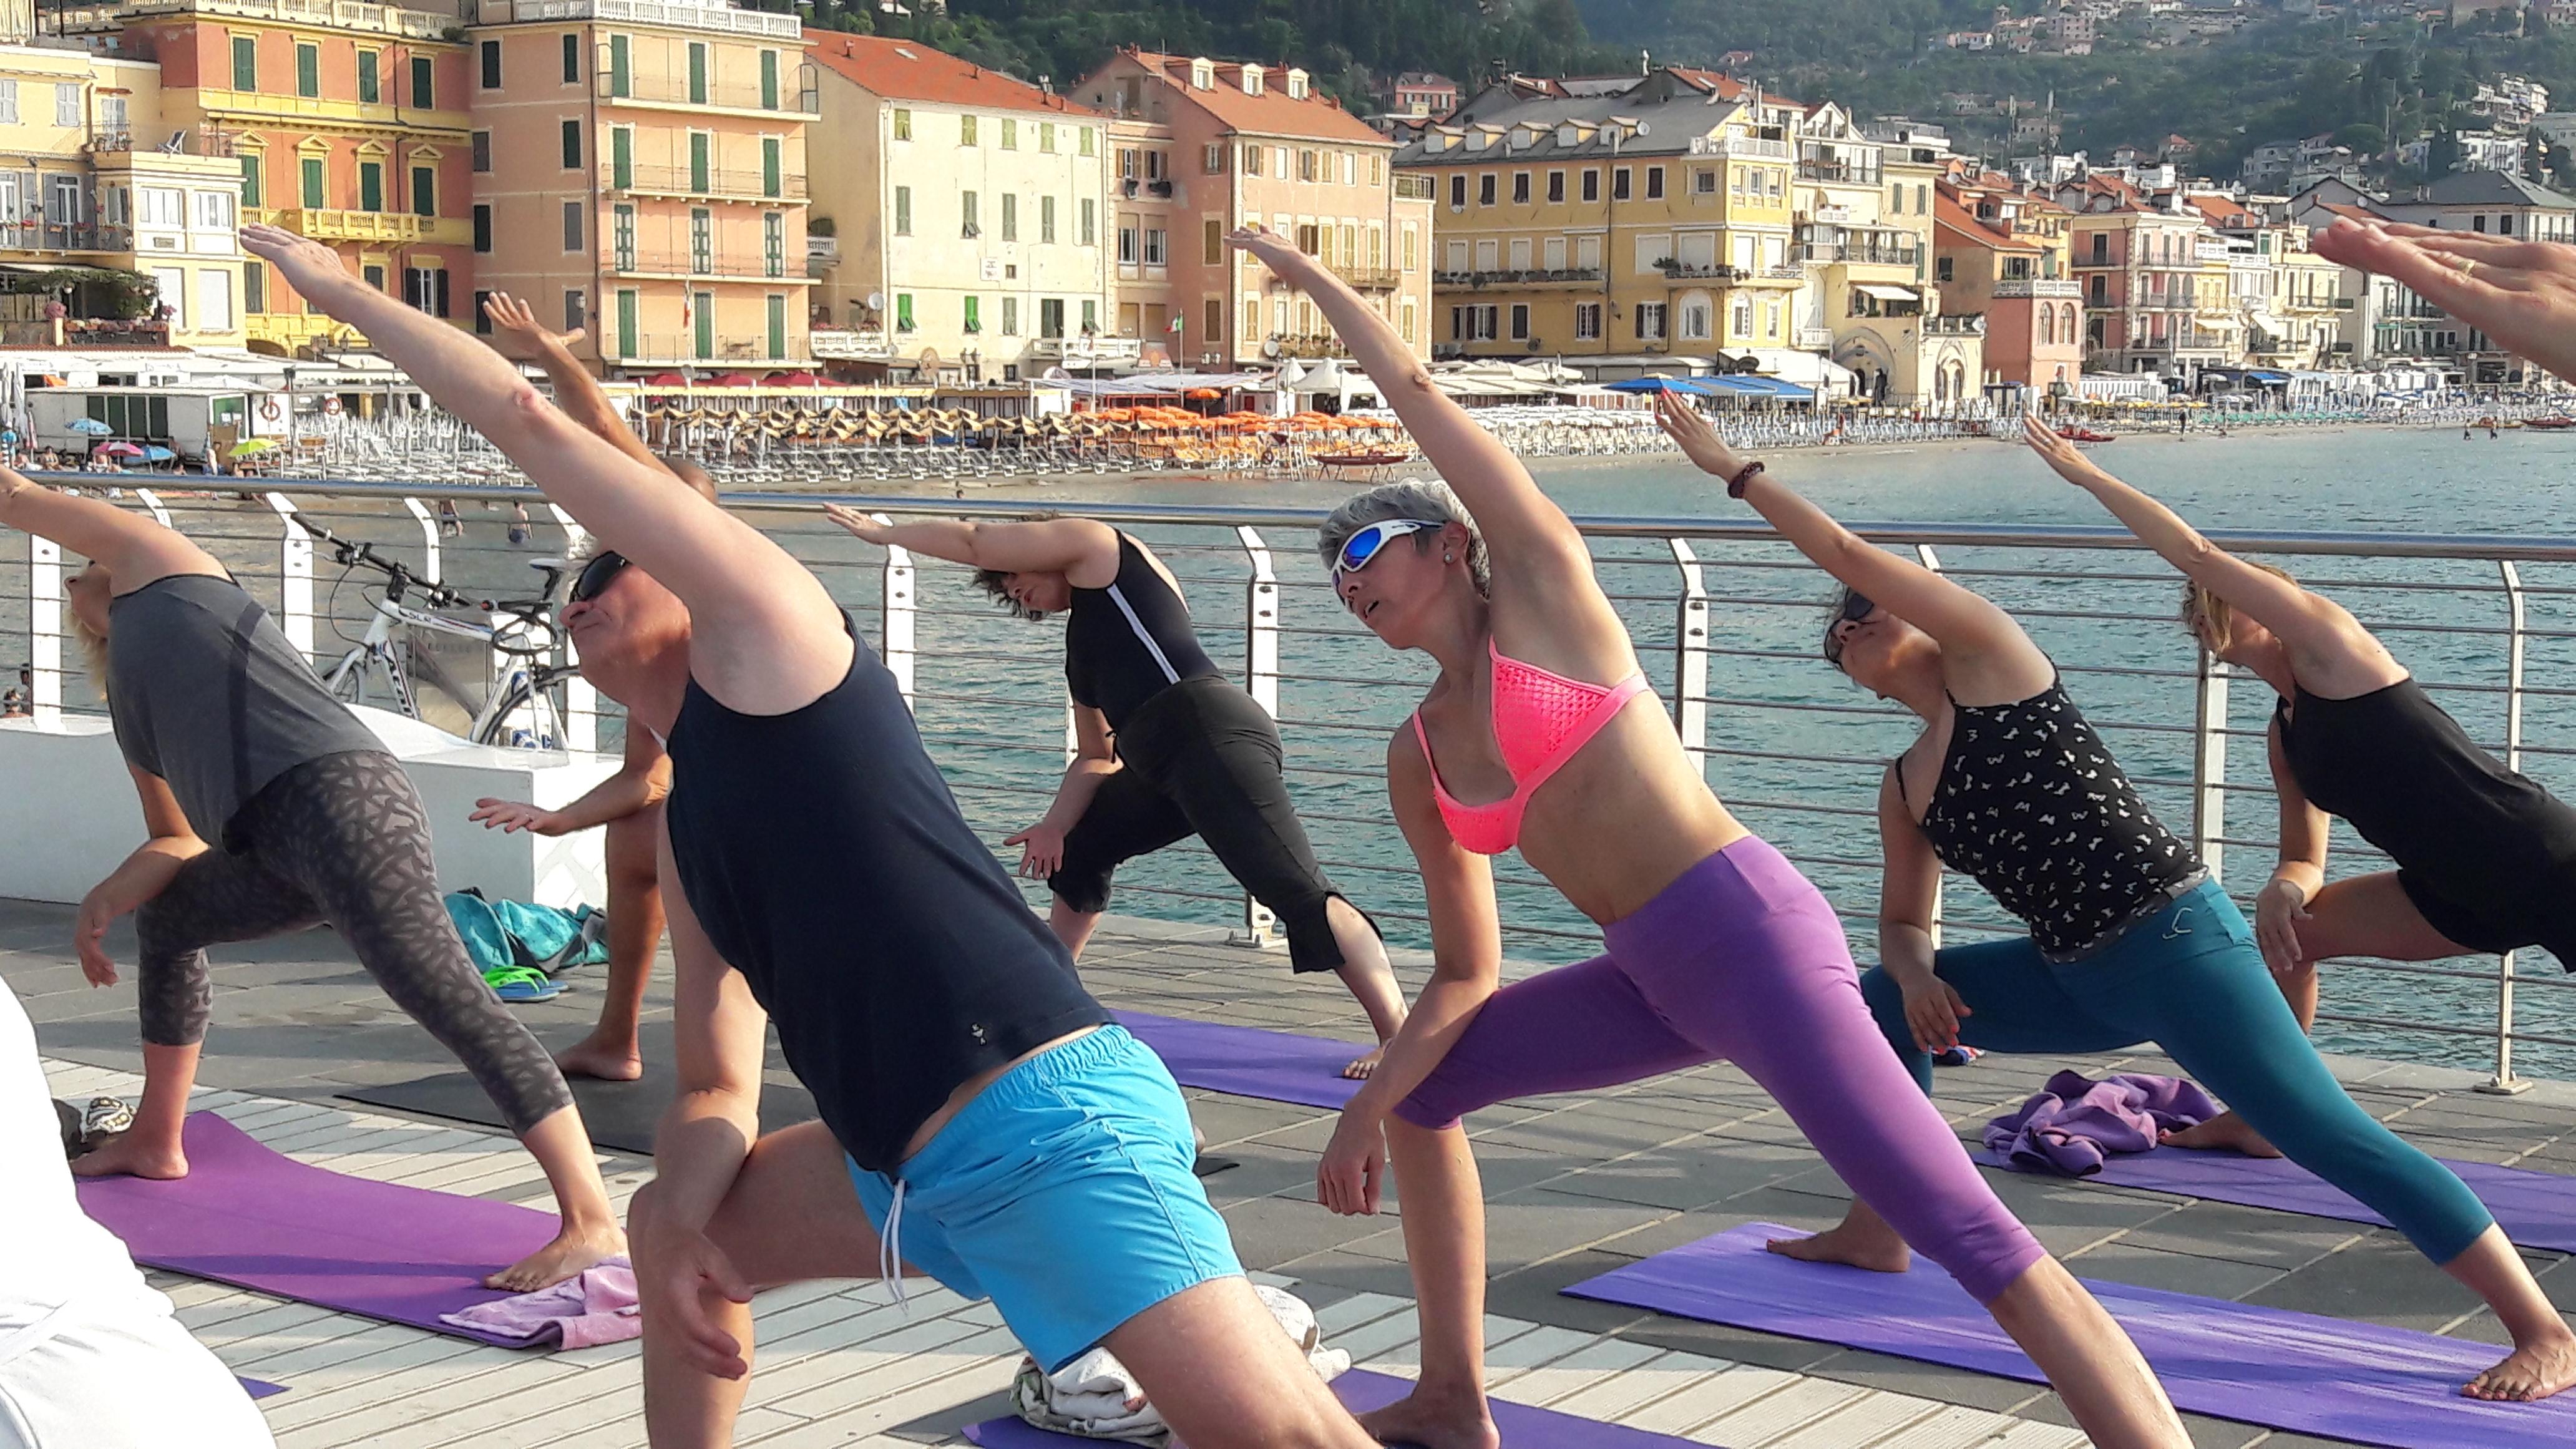 essere-free-yoga-gratuito-benessere-per-tutti-village-citta-alassio-estate-lucia-ragazzi-summer-town-wellness-027